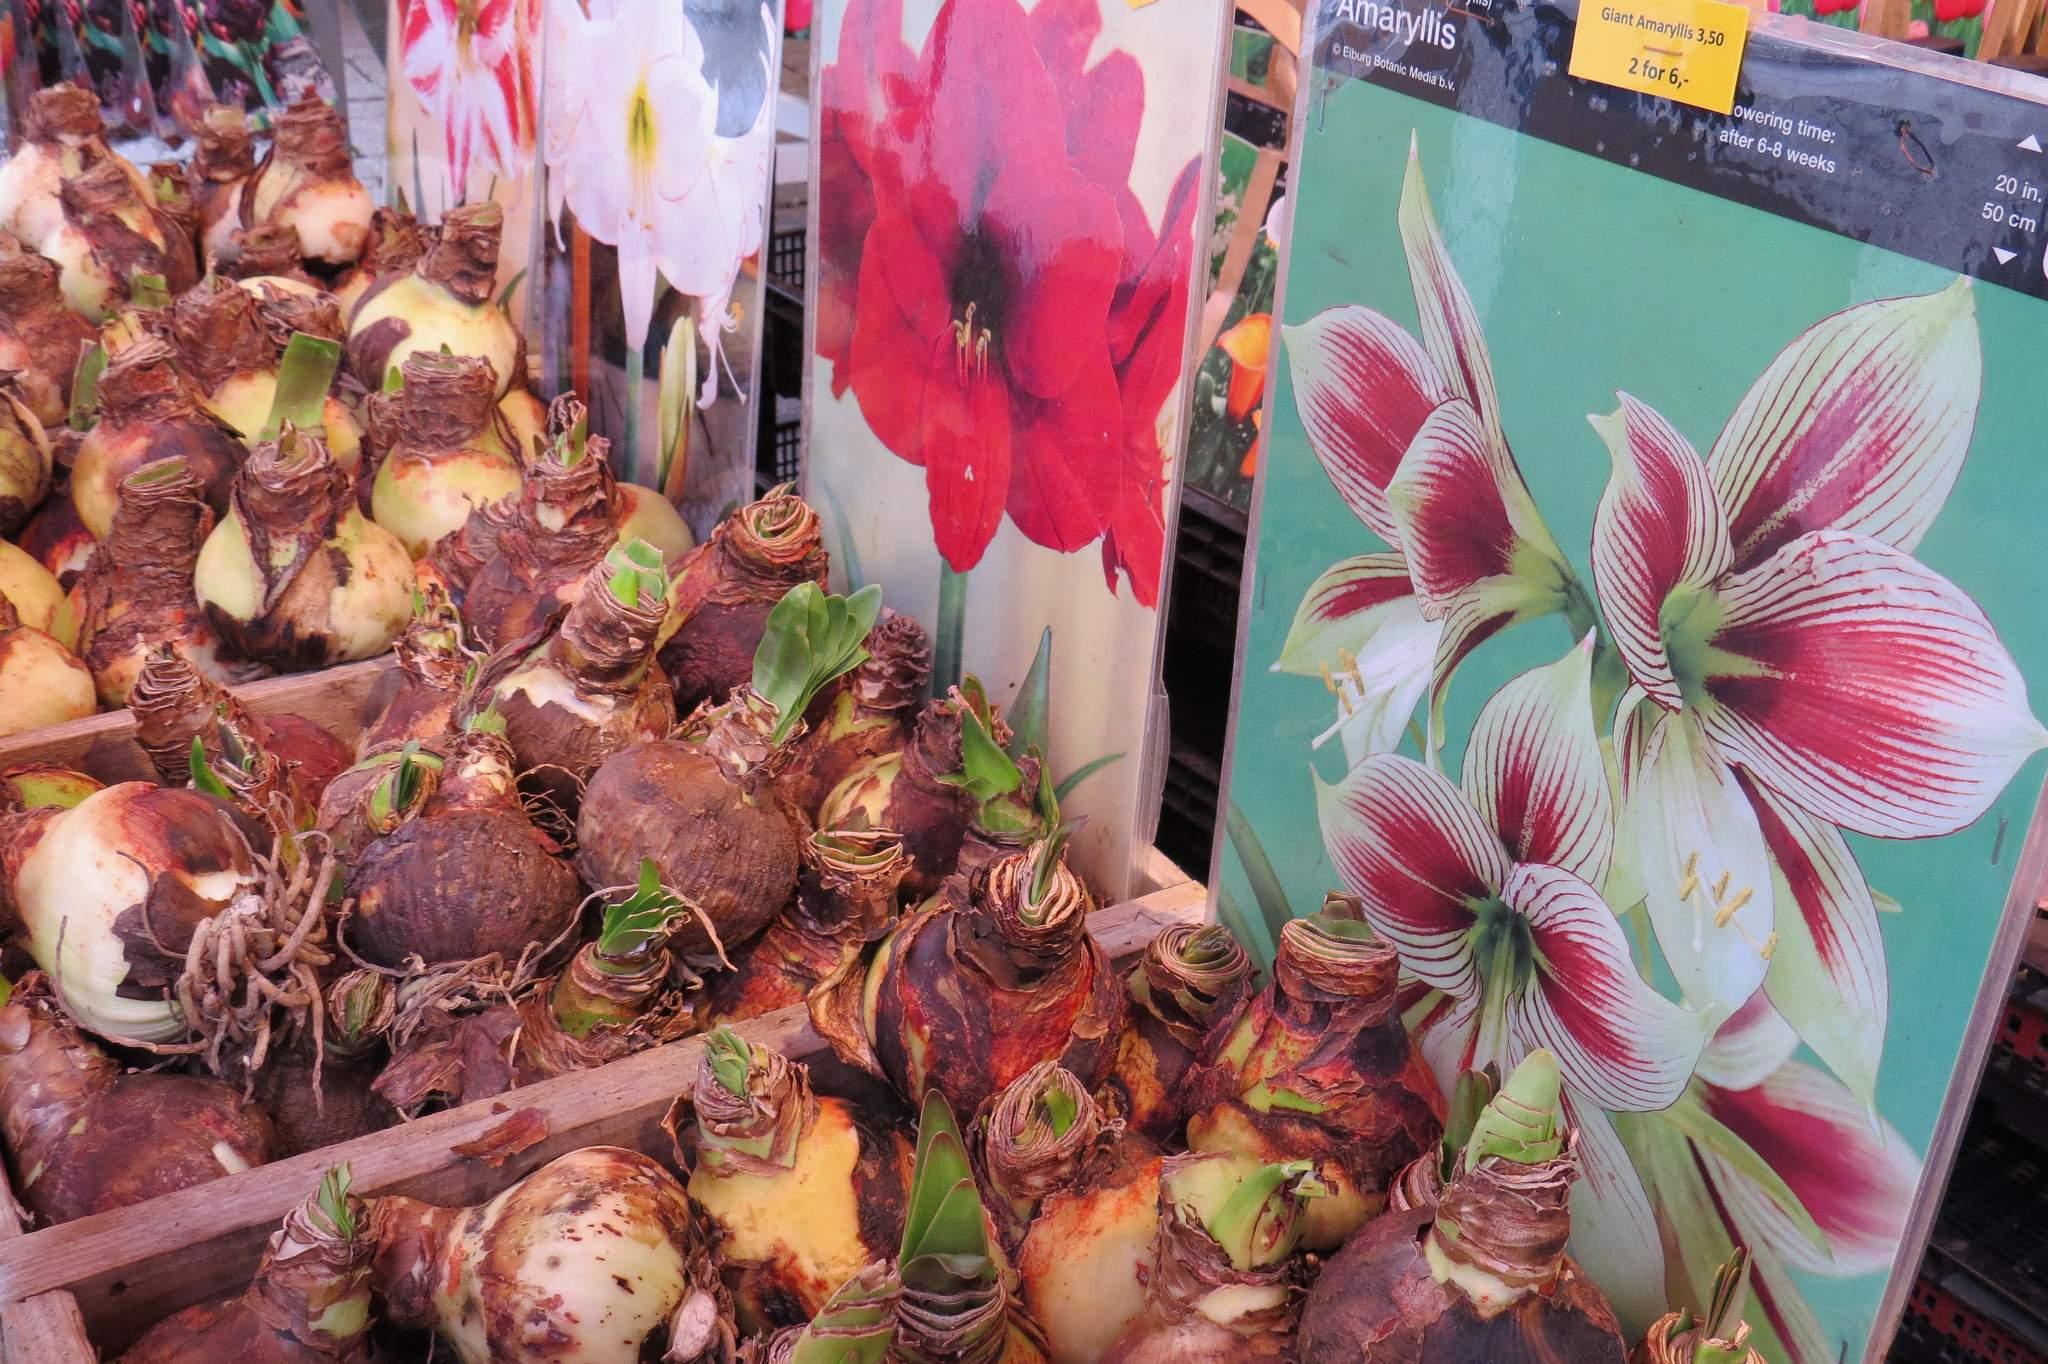 targ kwiatowy Amsterdam cebule kwiatów